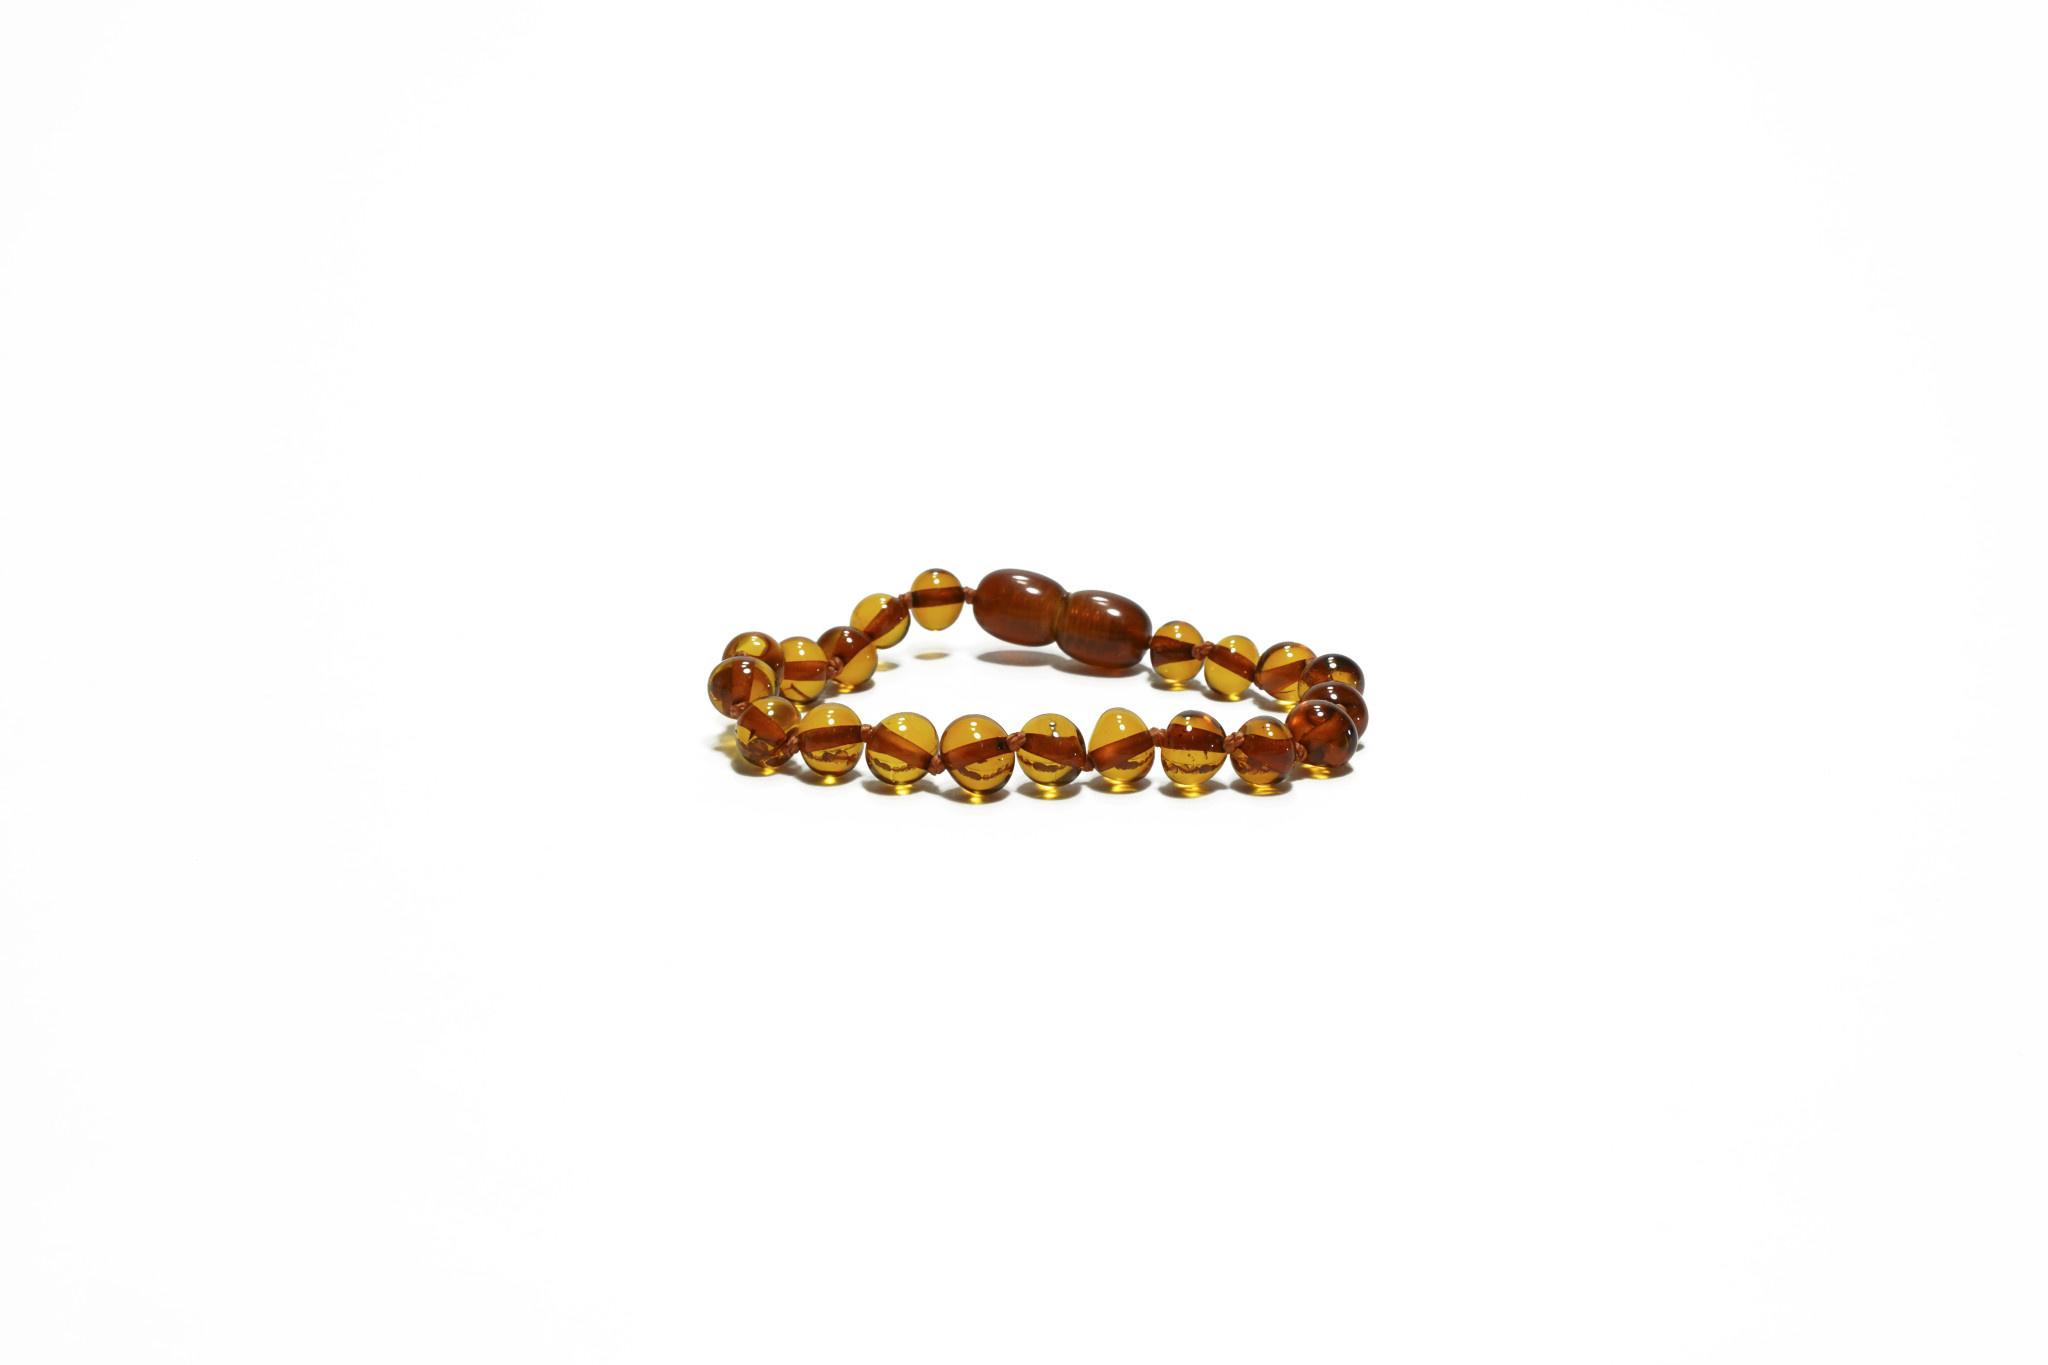 Mahina La barnsteen armband balance kind-1